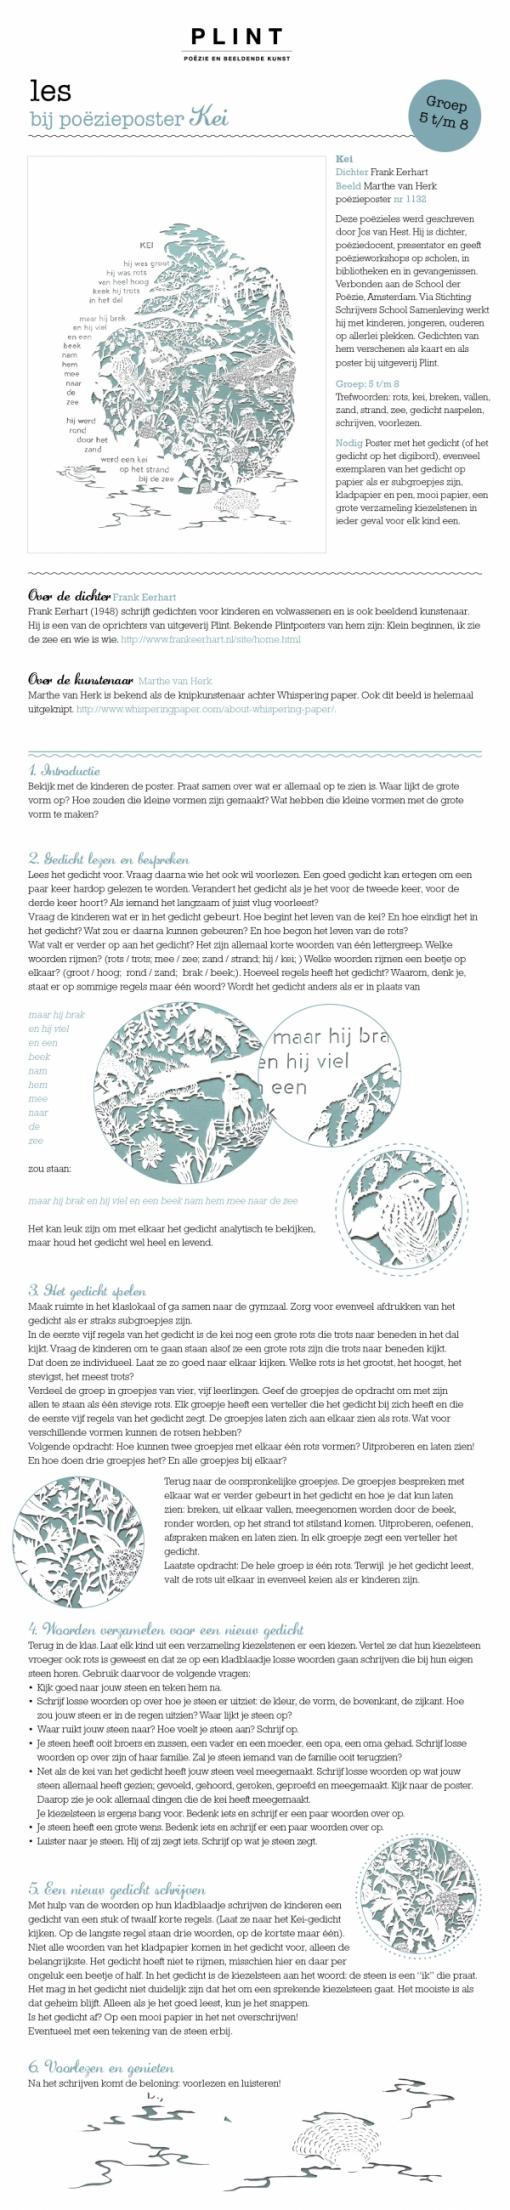 Poster van een les van PLINT.